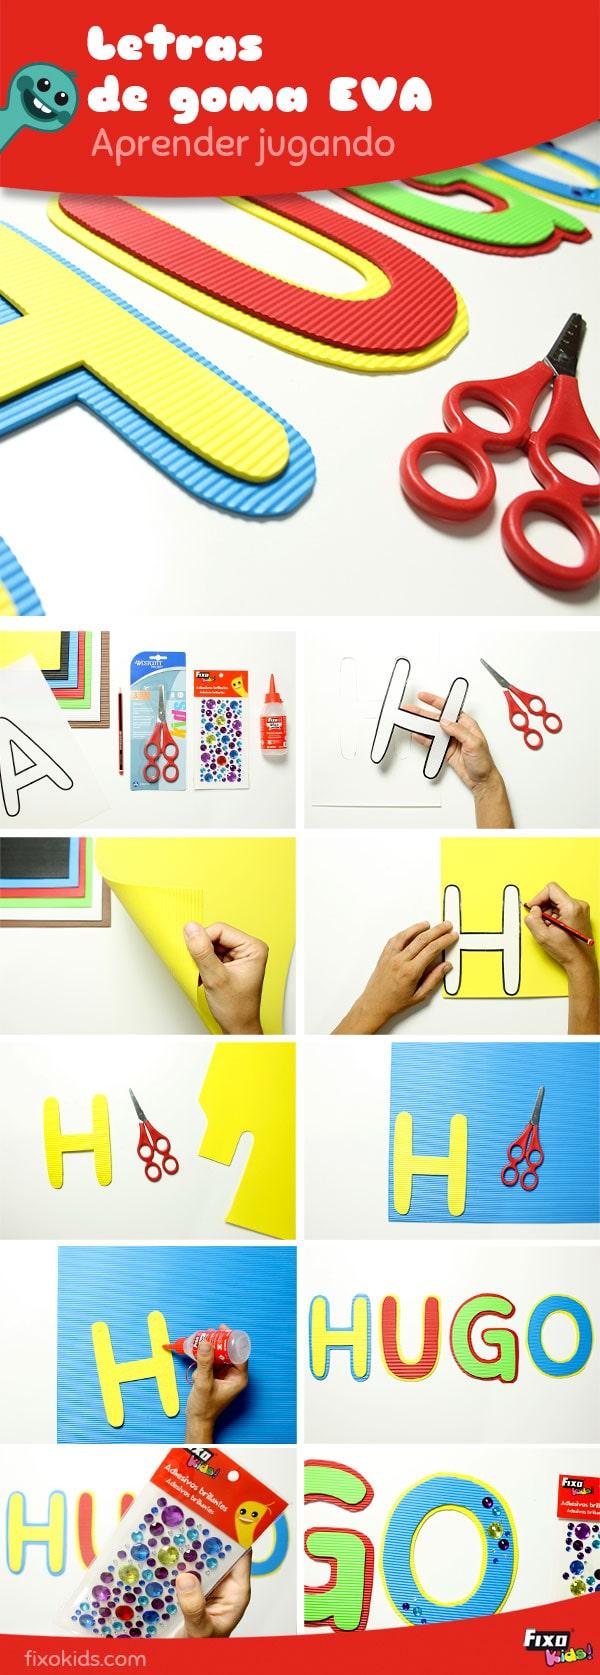 tutorial para hacer letras con goma eva corrugada